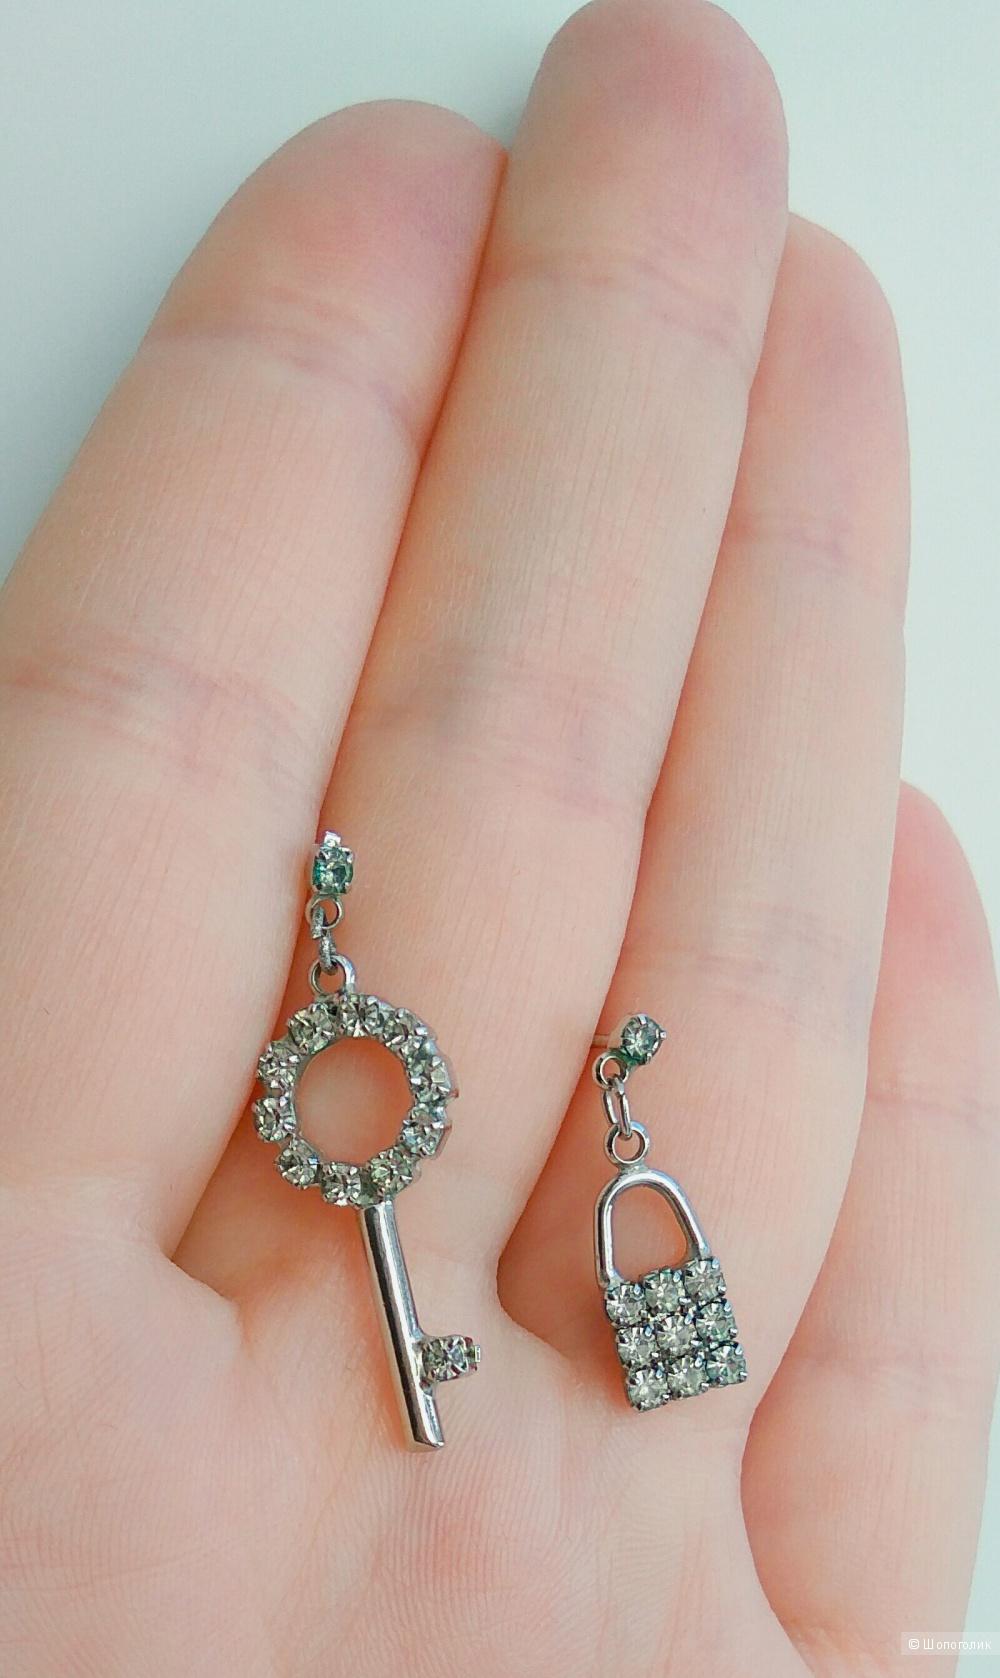 Сет из 2 пар сережек в стиле Tiffany&Co